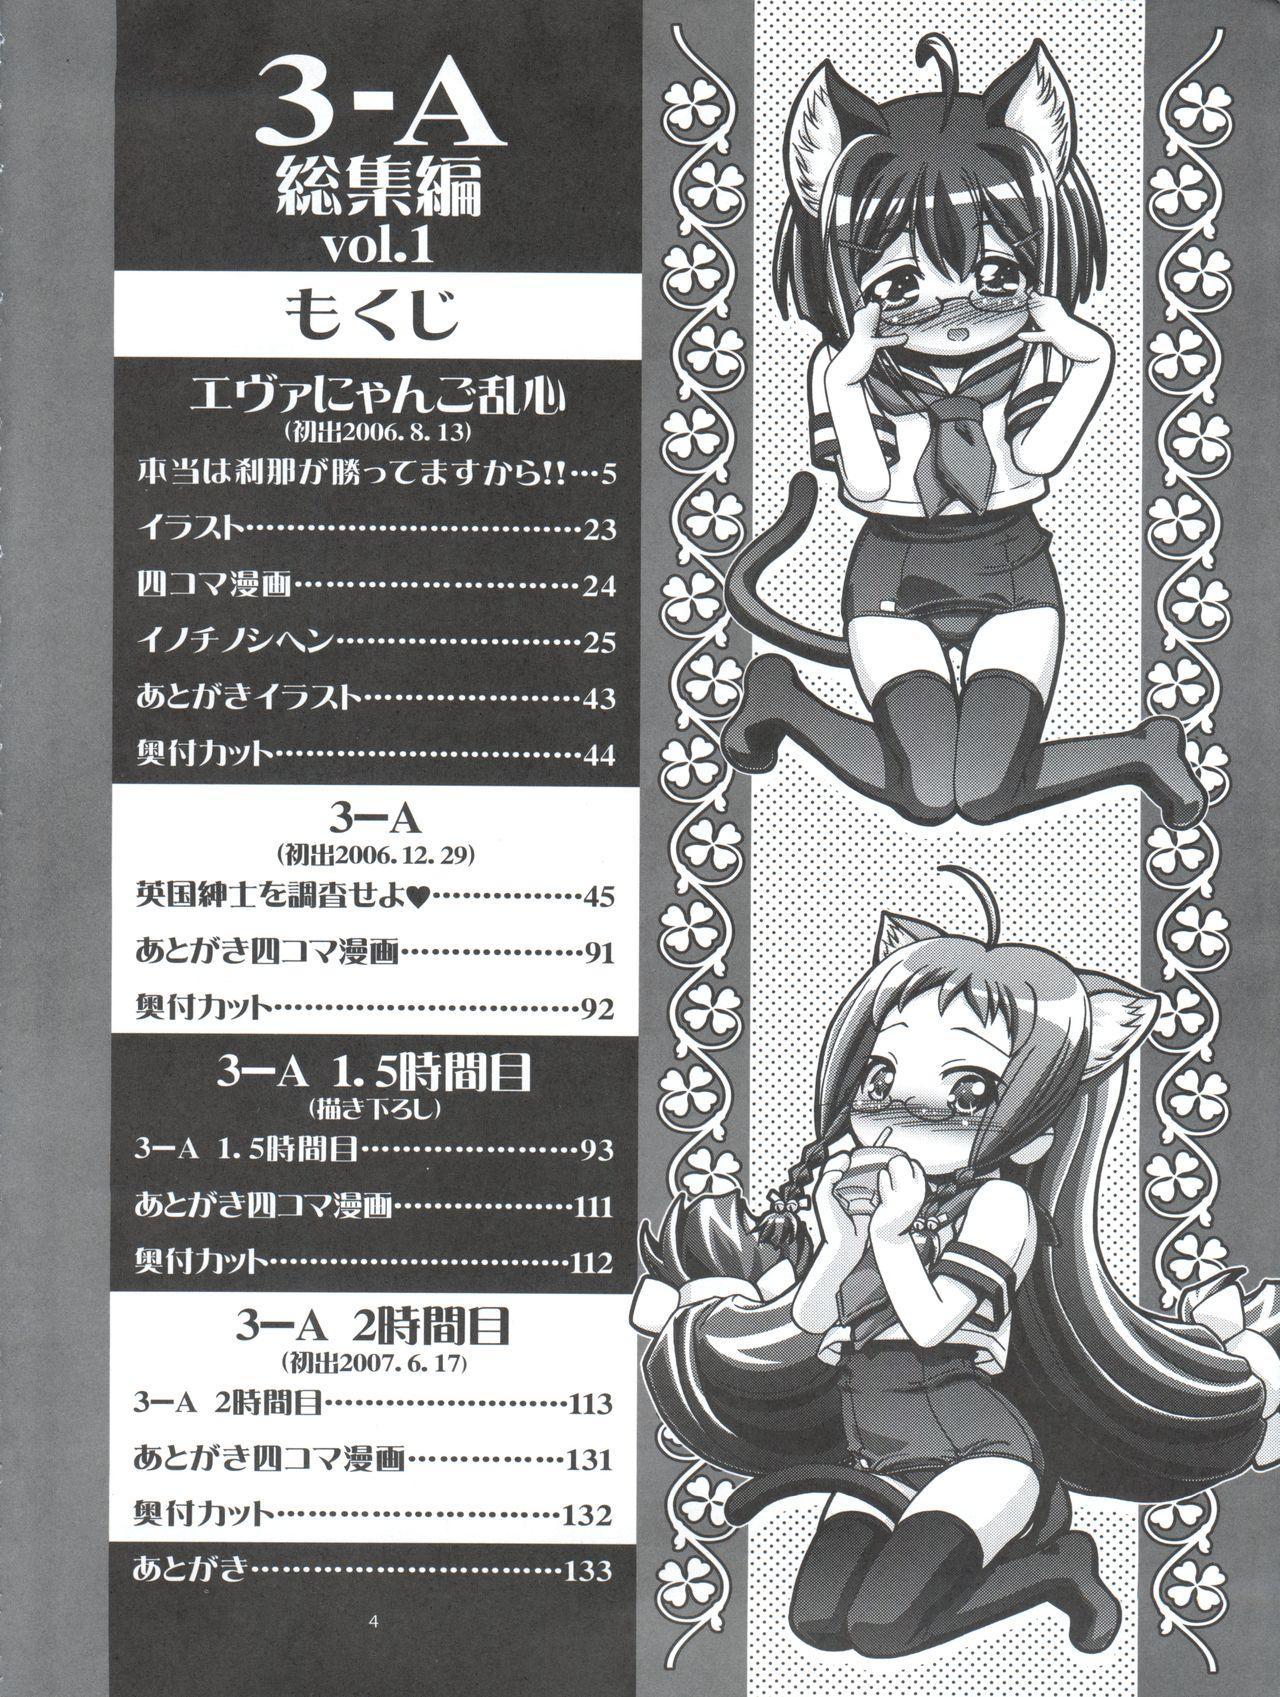 Mahora Gakuen Tyuutoubu 3-A Soushuuhen Vol. 1 3